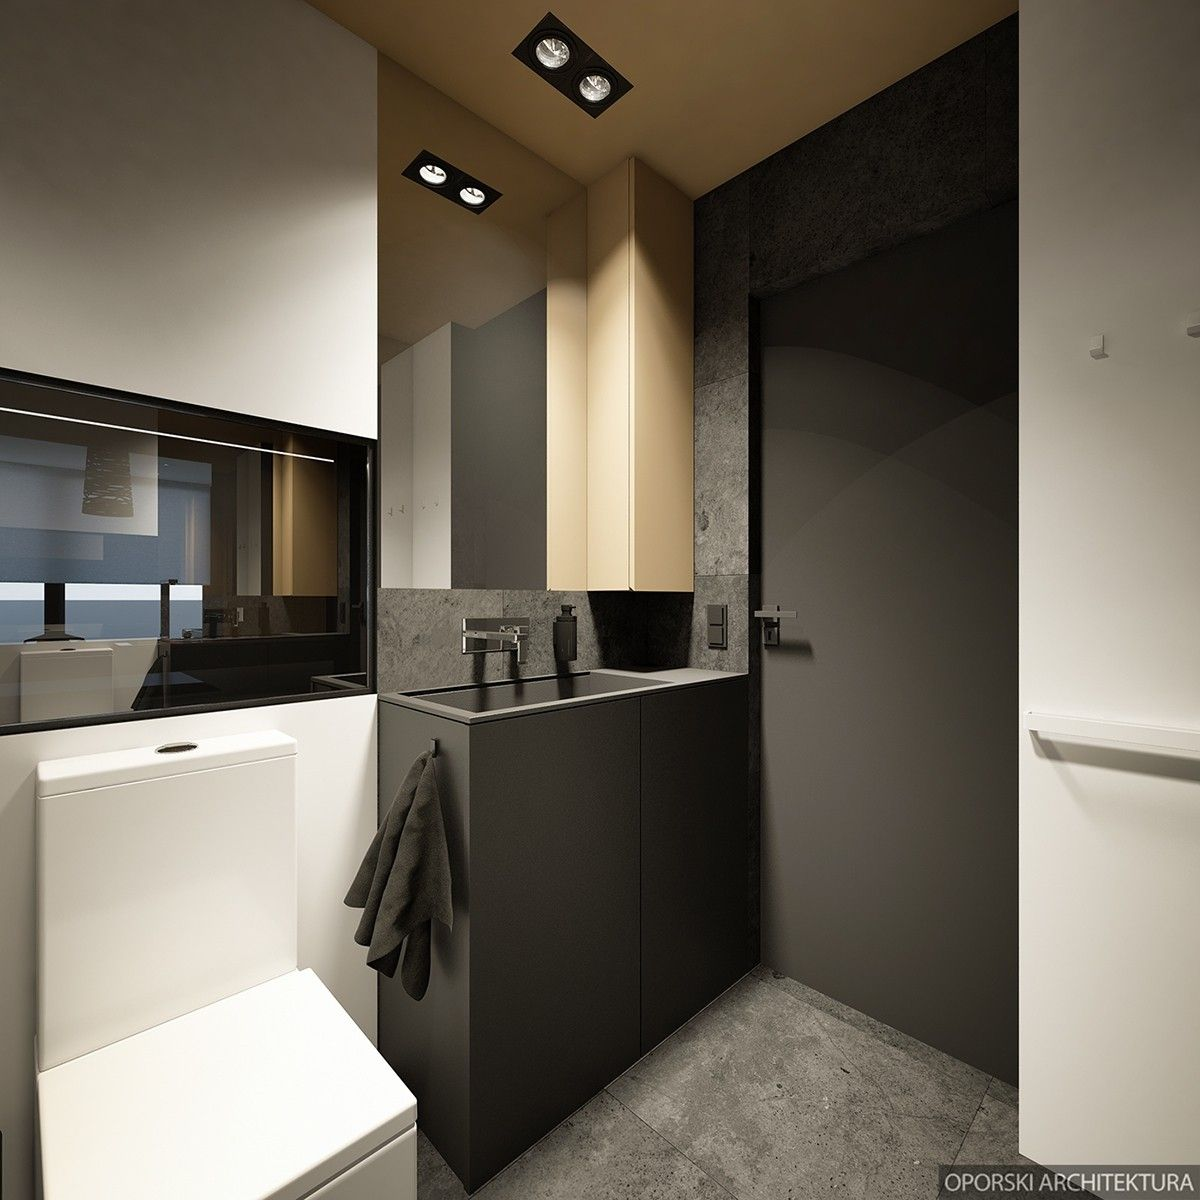 Pin Von Jenny Genao Auf Lazienka Architektur Haus Innenraum Badezimmer